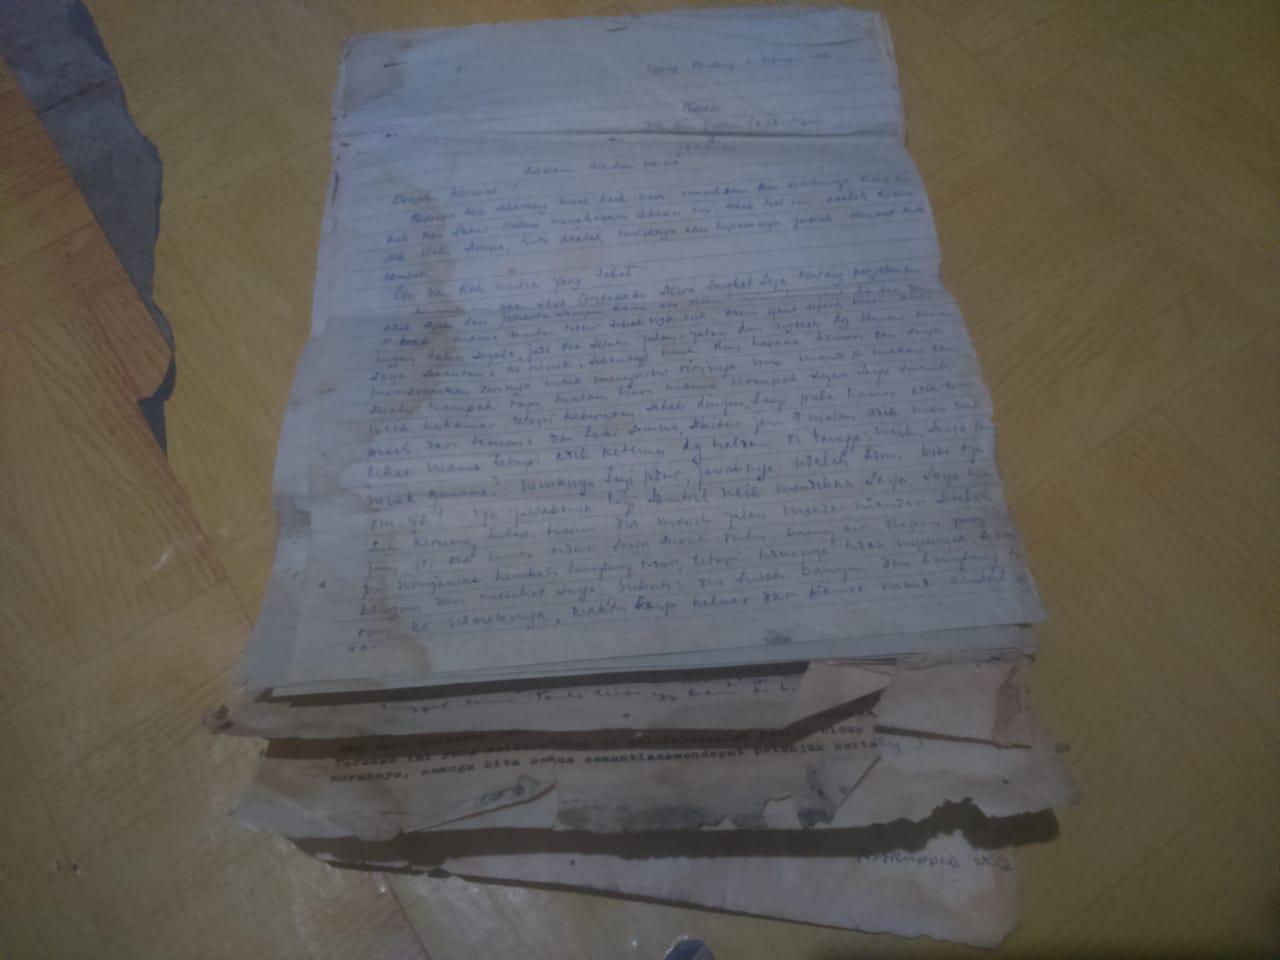 Surat Nasrudin kepada Muliyah.jpg